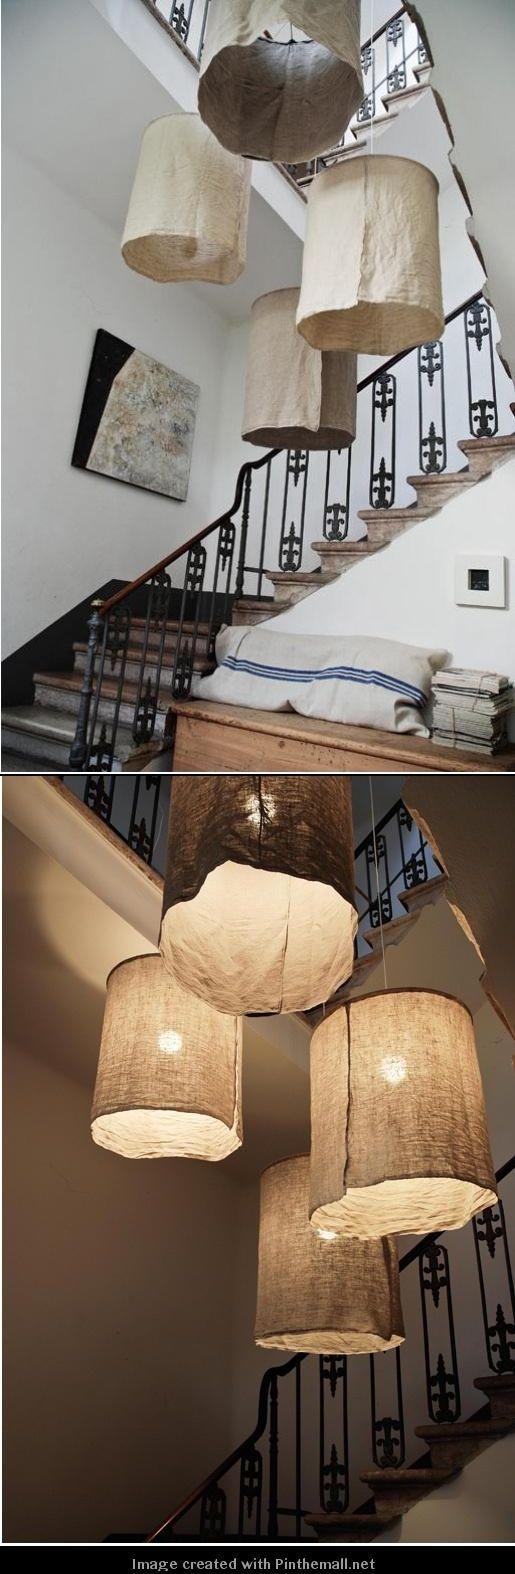 les 25 meilleures id es de la cat gorie abat jour en toile de jute sur pinterest r cup rer des. Black Bedroom Furniture Sets. Home Design Ideas